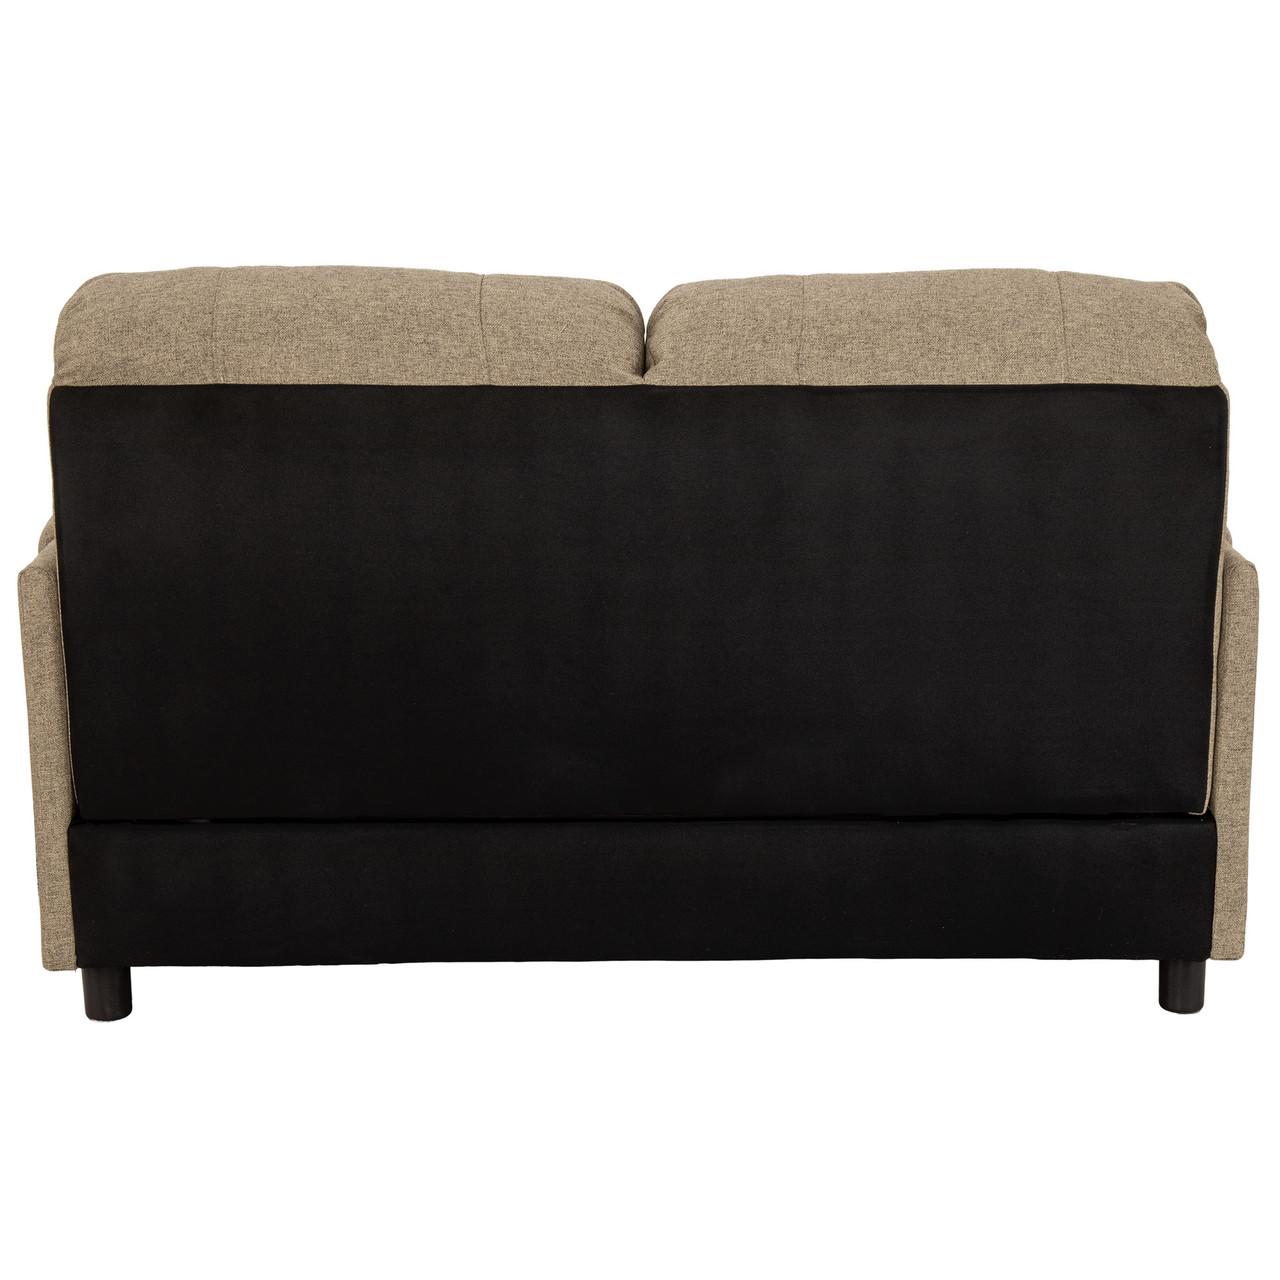 Rv Sleeper Sofa